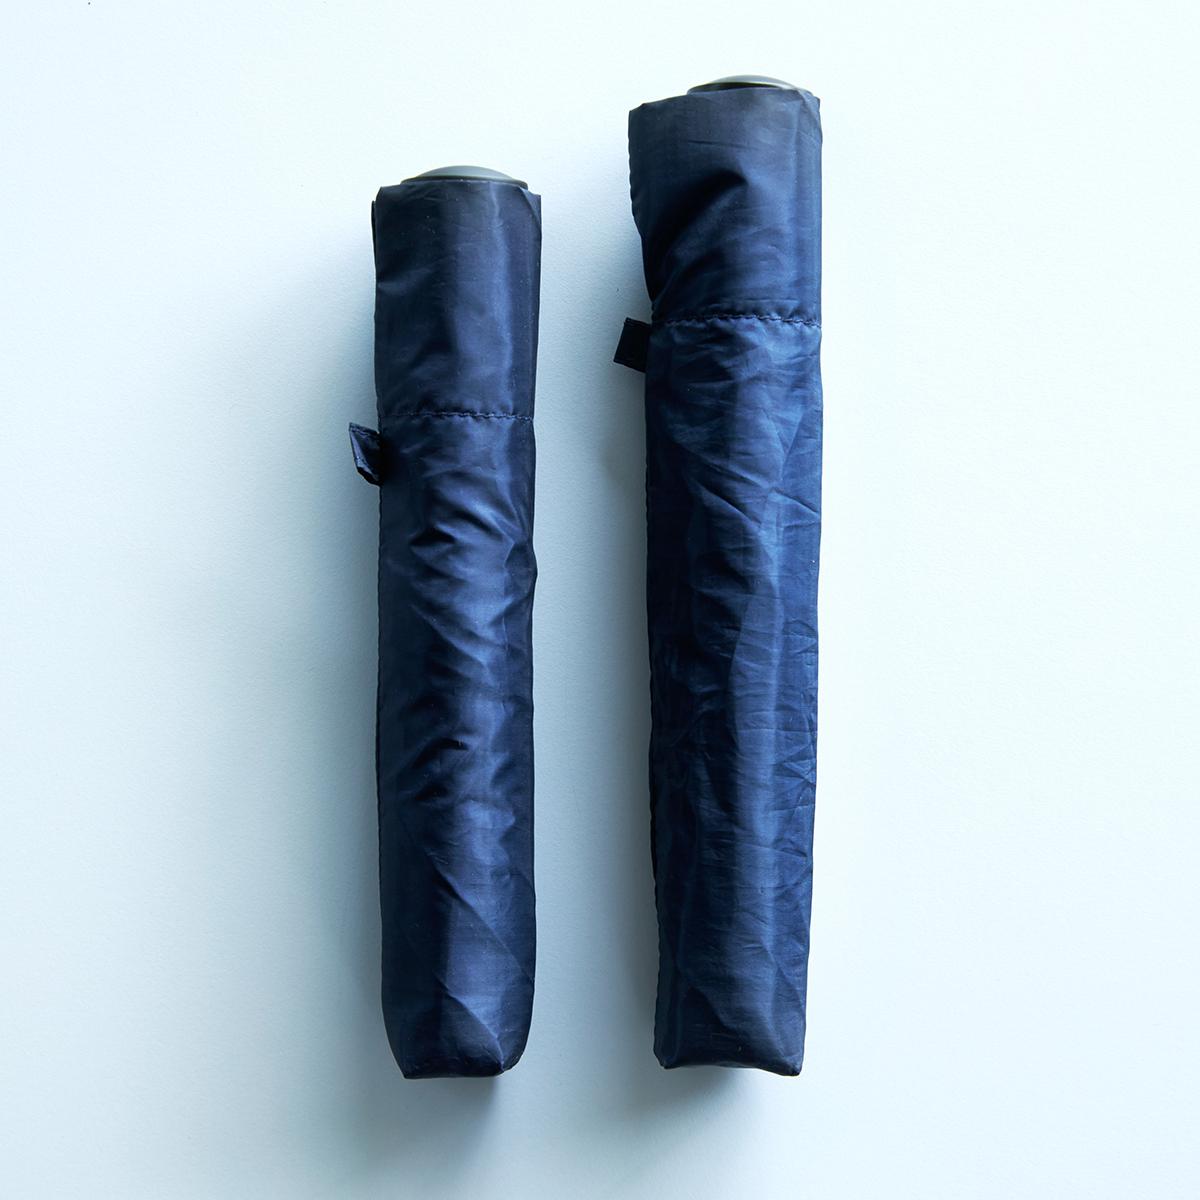 「Pentagon」は2つのサイズから選べます。水はじきバツグン、極細なのに耐風構造の「世界最軽量級折りたたみ傘」|Pentagon72